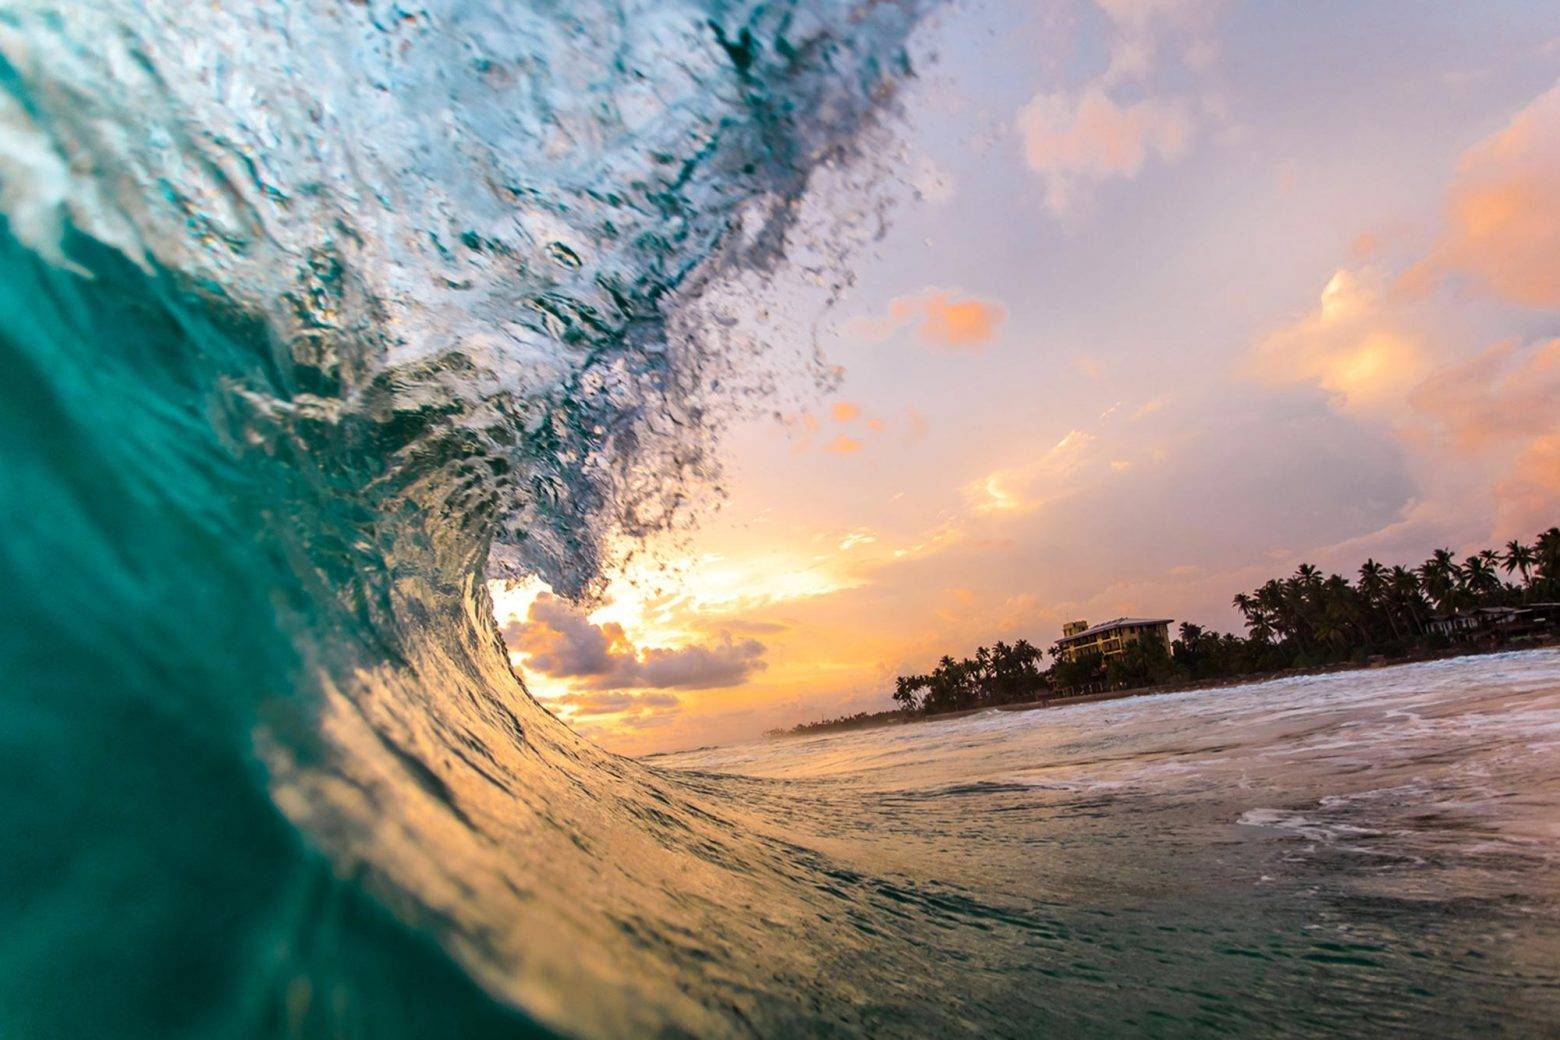 https://www.soulandsurf.com/wp-content/uploads/2021/07/lanka-wave-surf-ocean-e1627738746991.jpeg Image